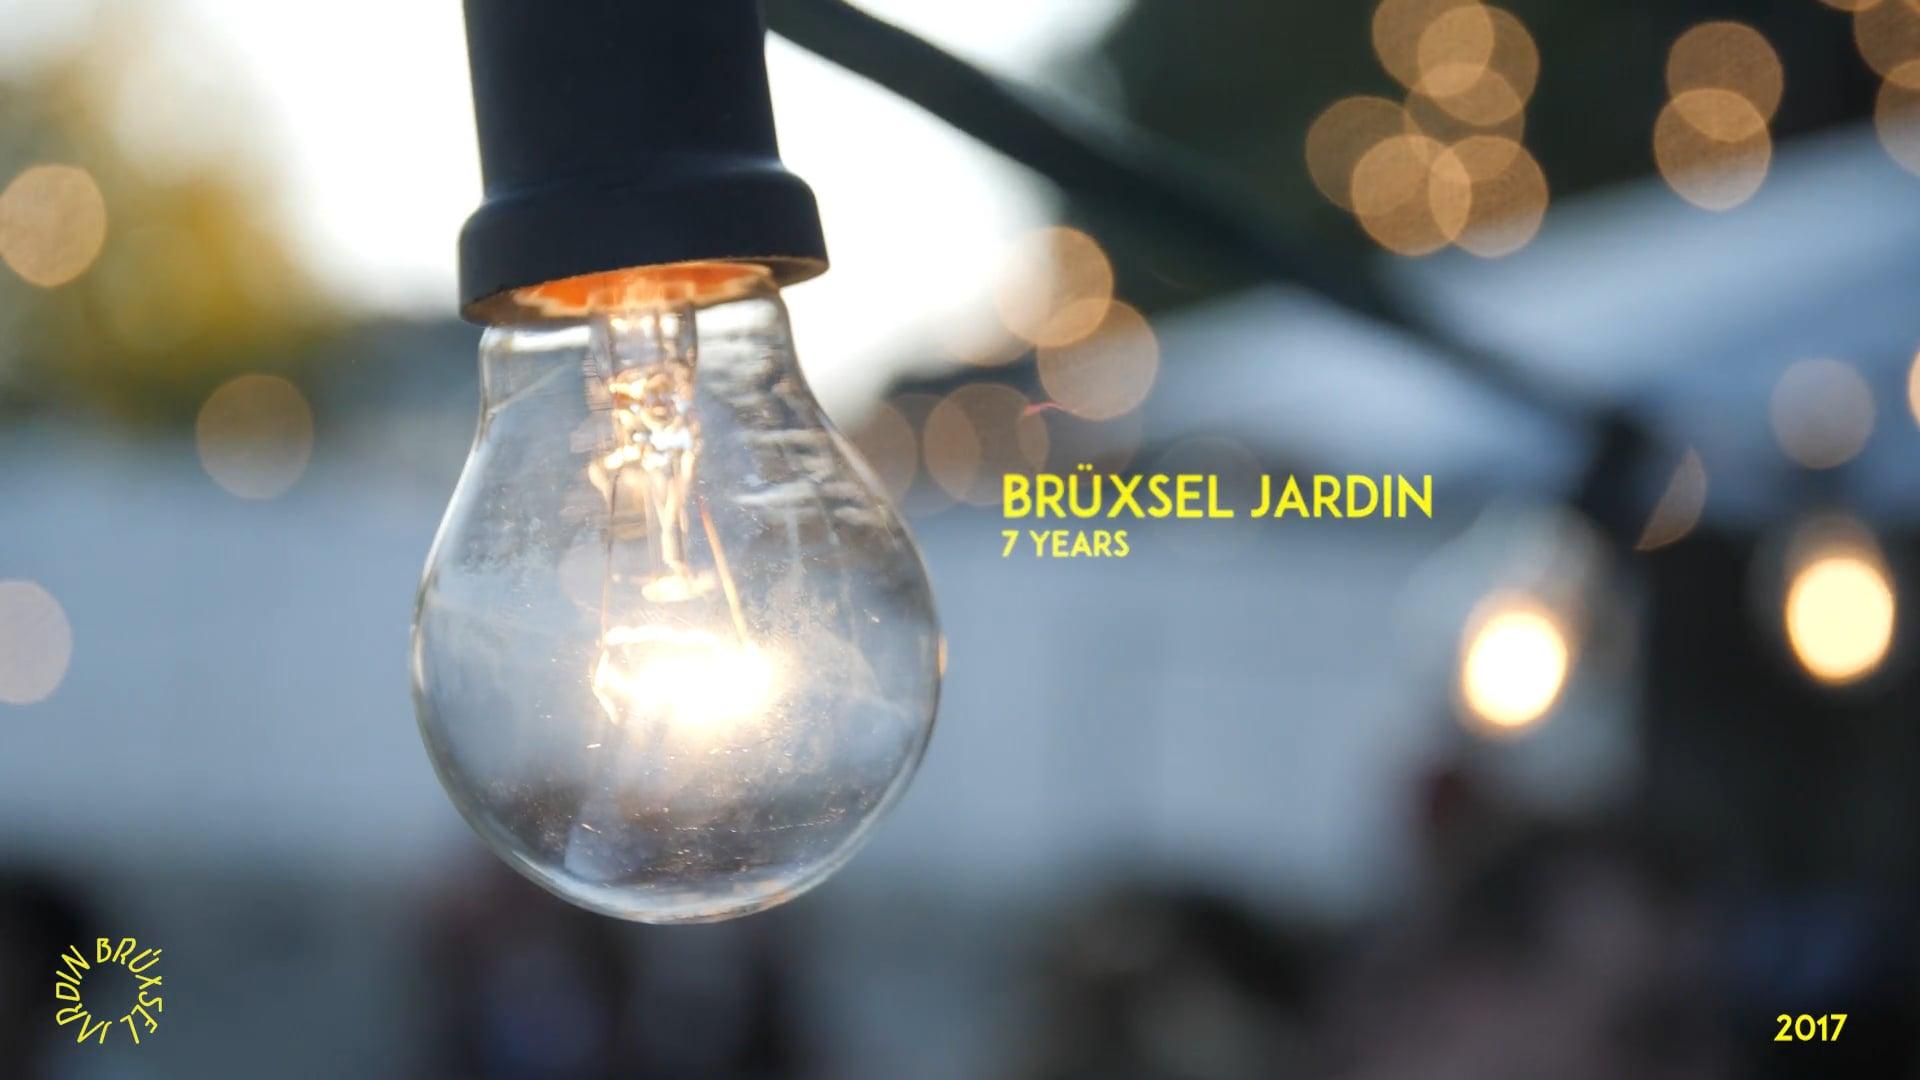 BRUXSEL JARDIN 7 YEARS